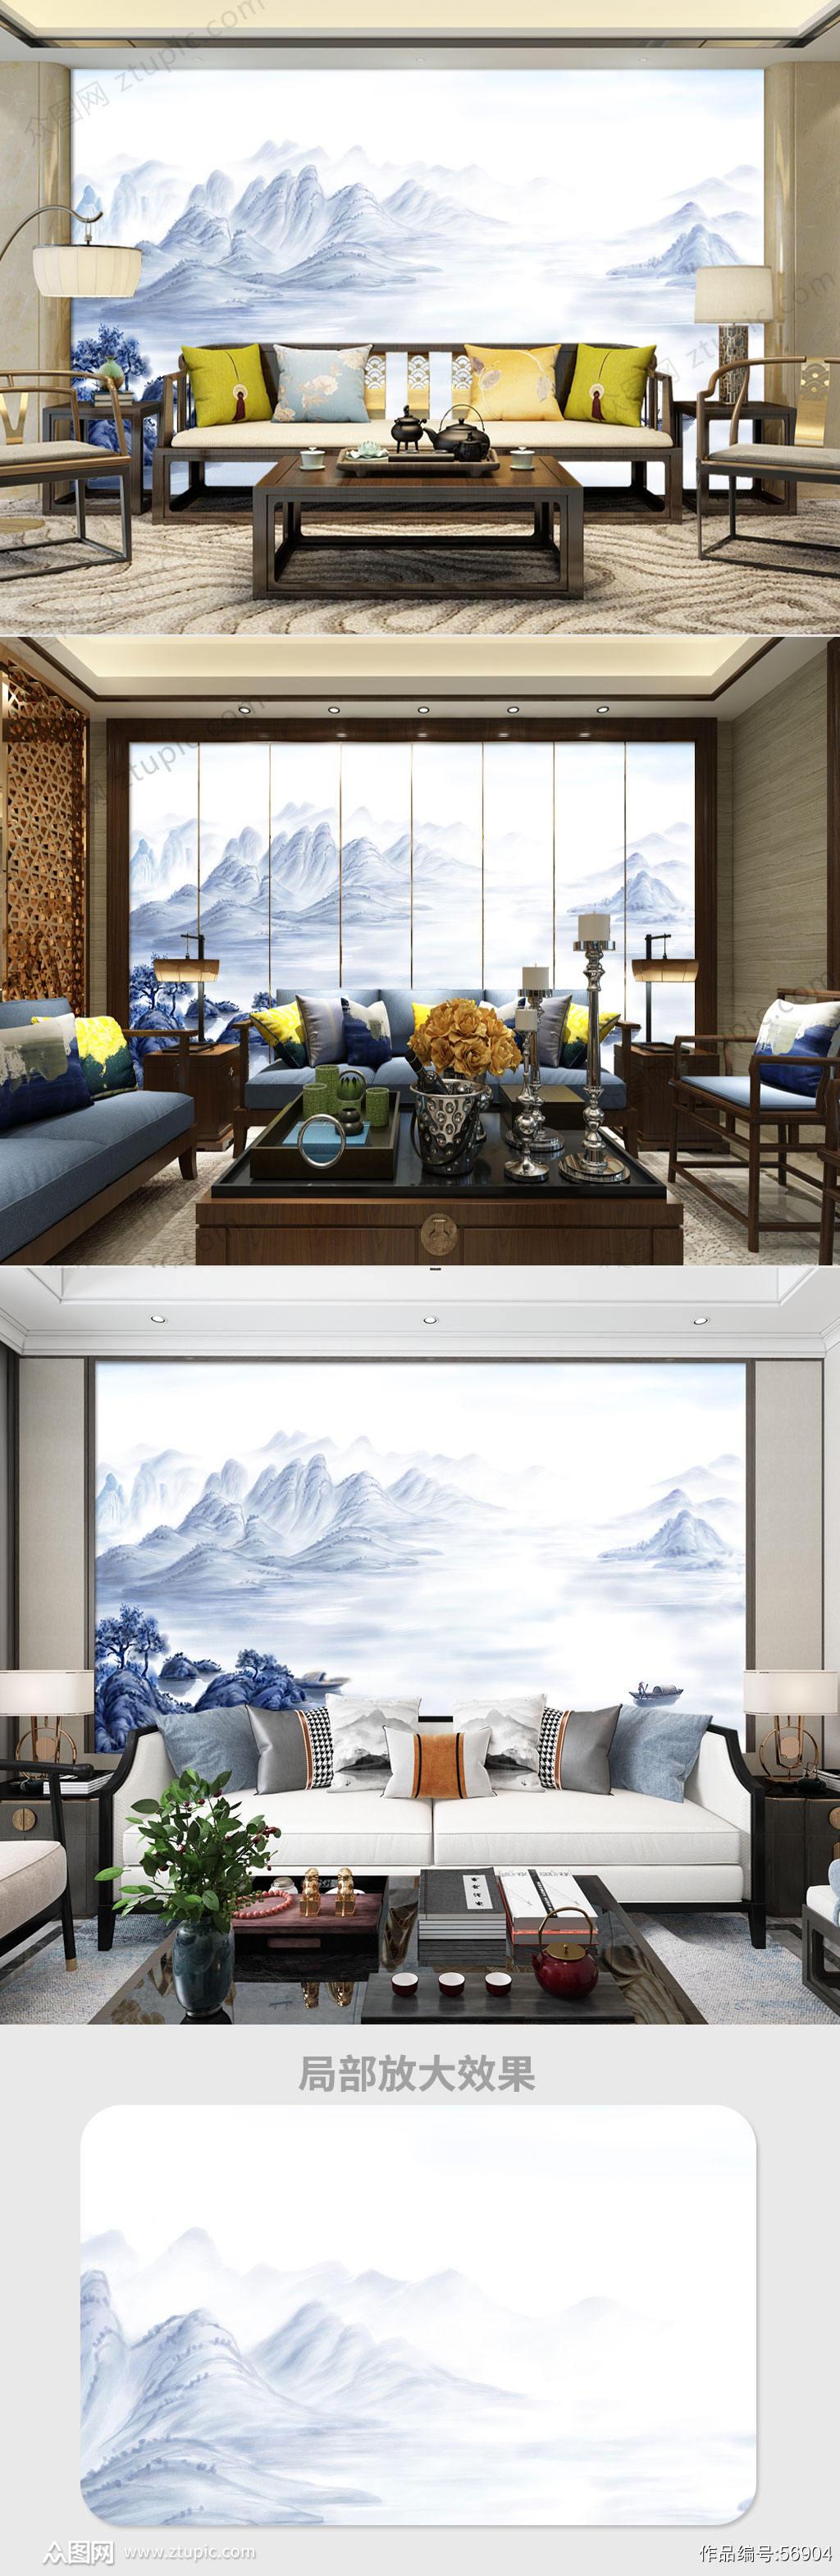 大气山水中式电视背景墙素材